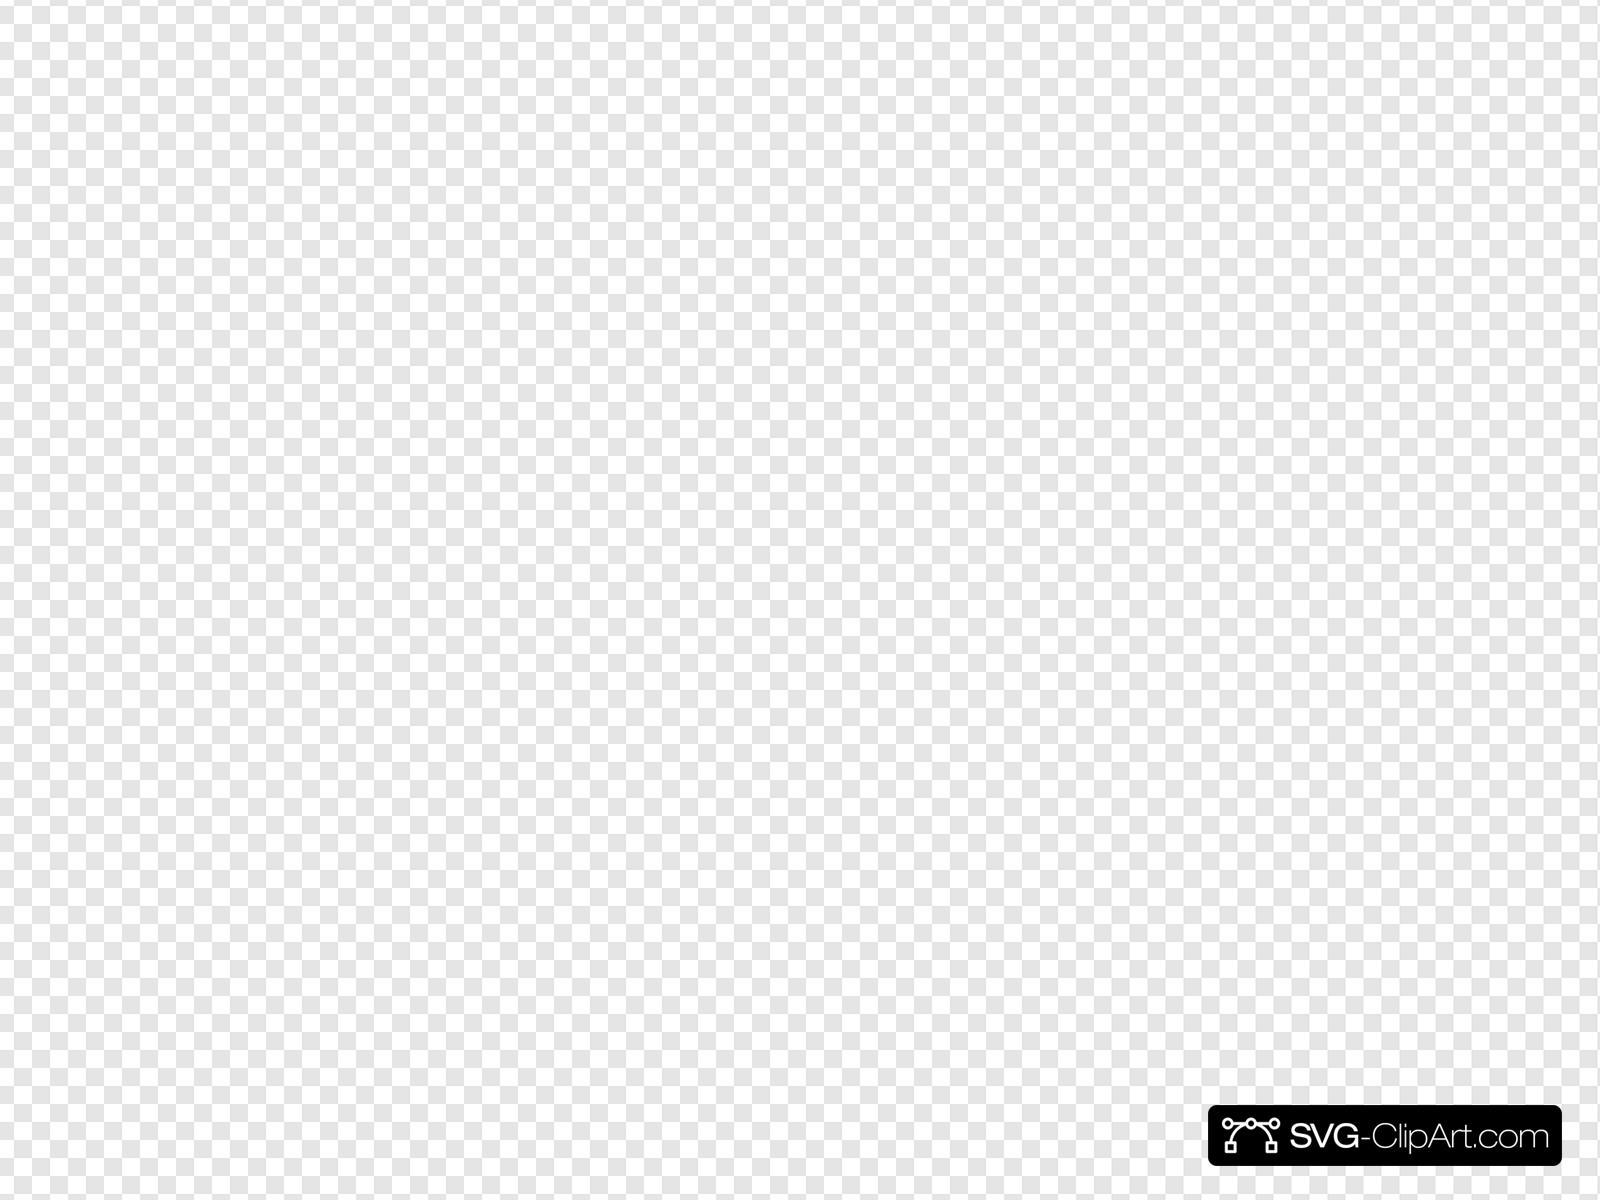 Search Icon Small 16x16 Clip art, Icon and SVG.